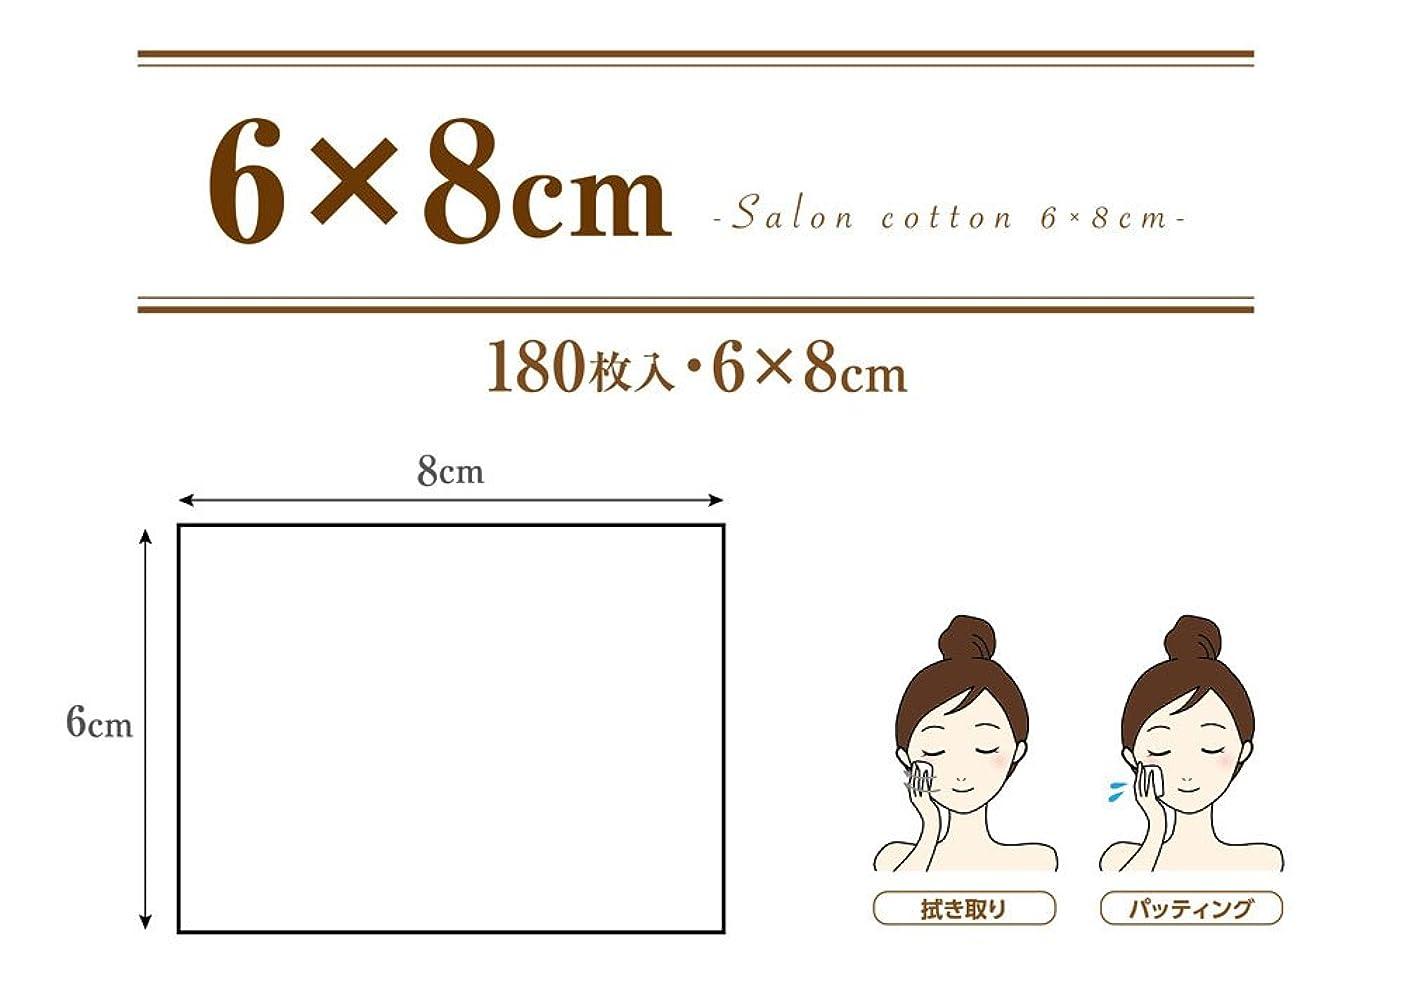 ブランク妊娠した大いに業務用 コットンパフ (6×8cm 180枚入 箱入り) サロンコットン 6×8